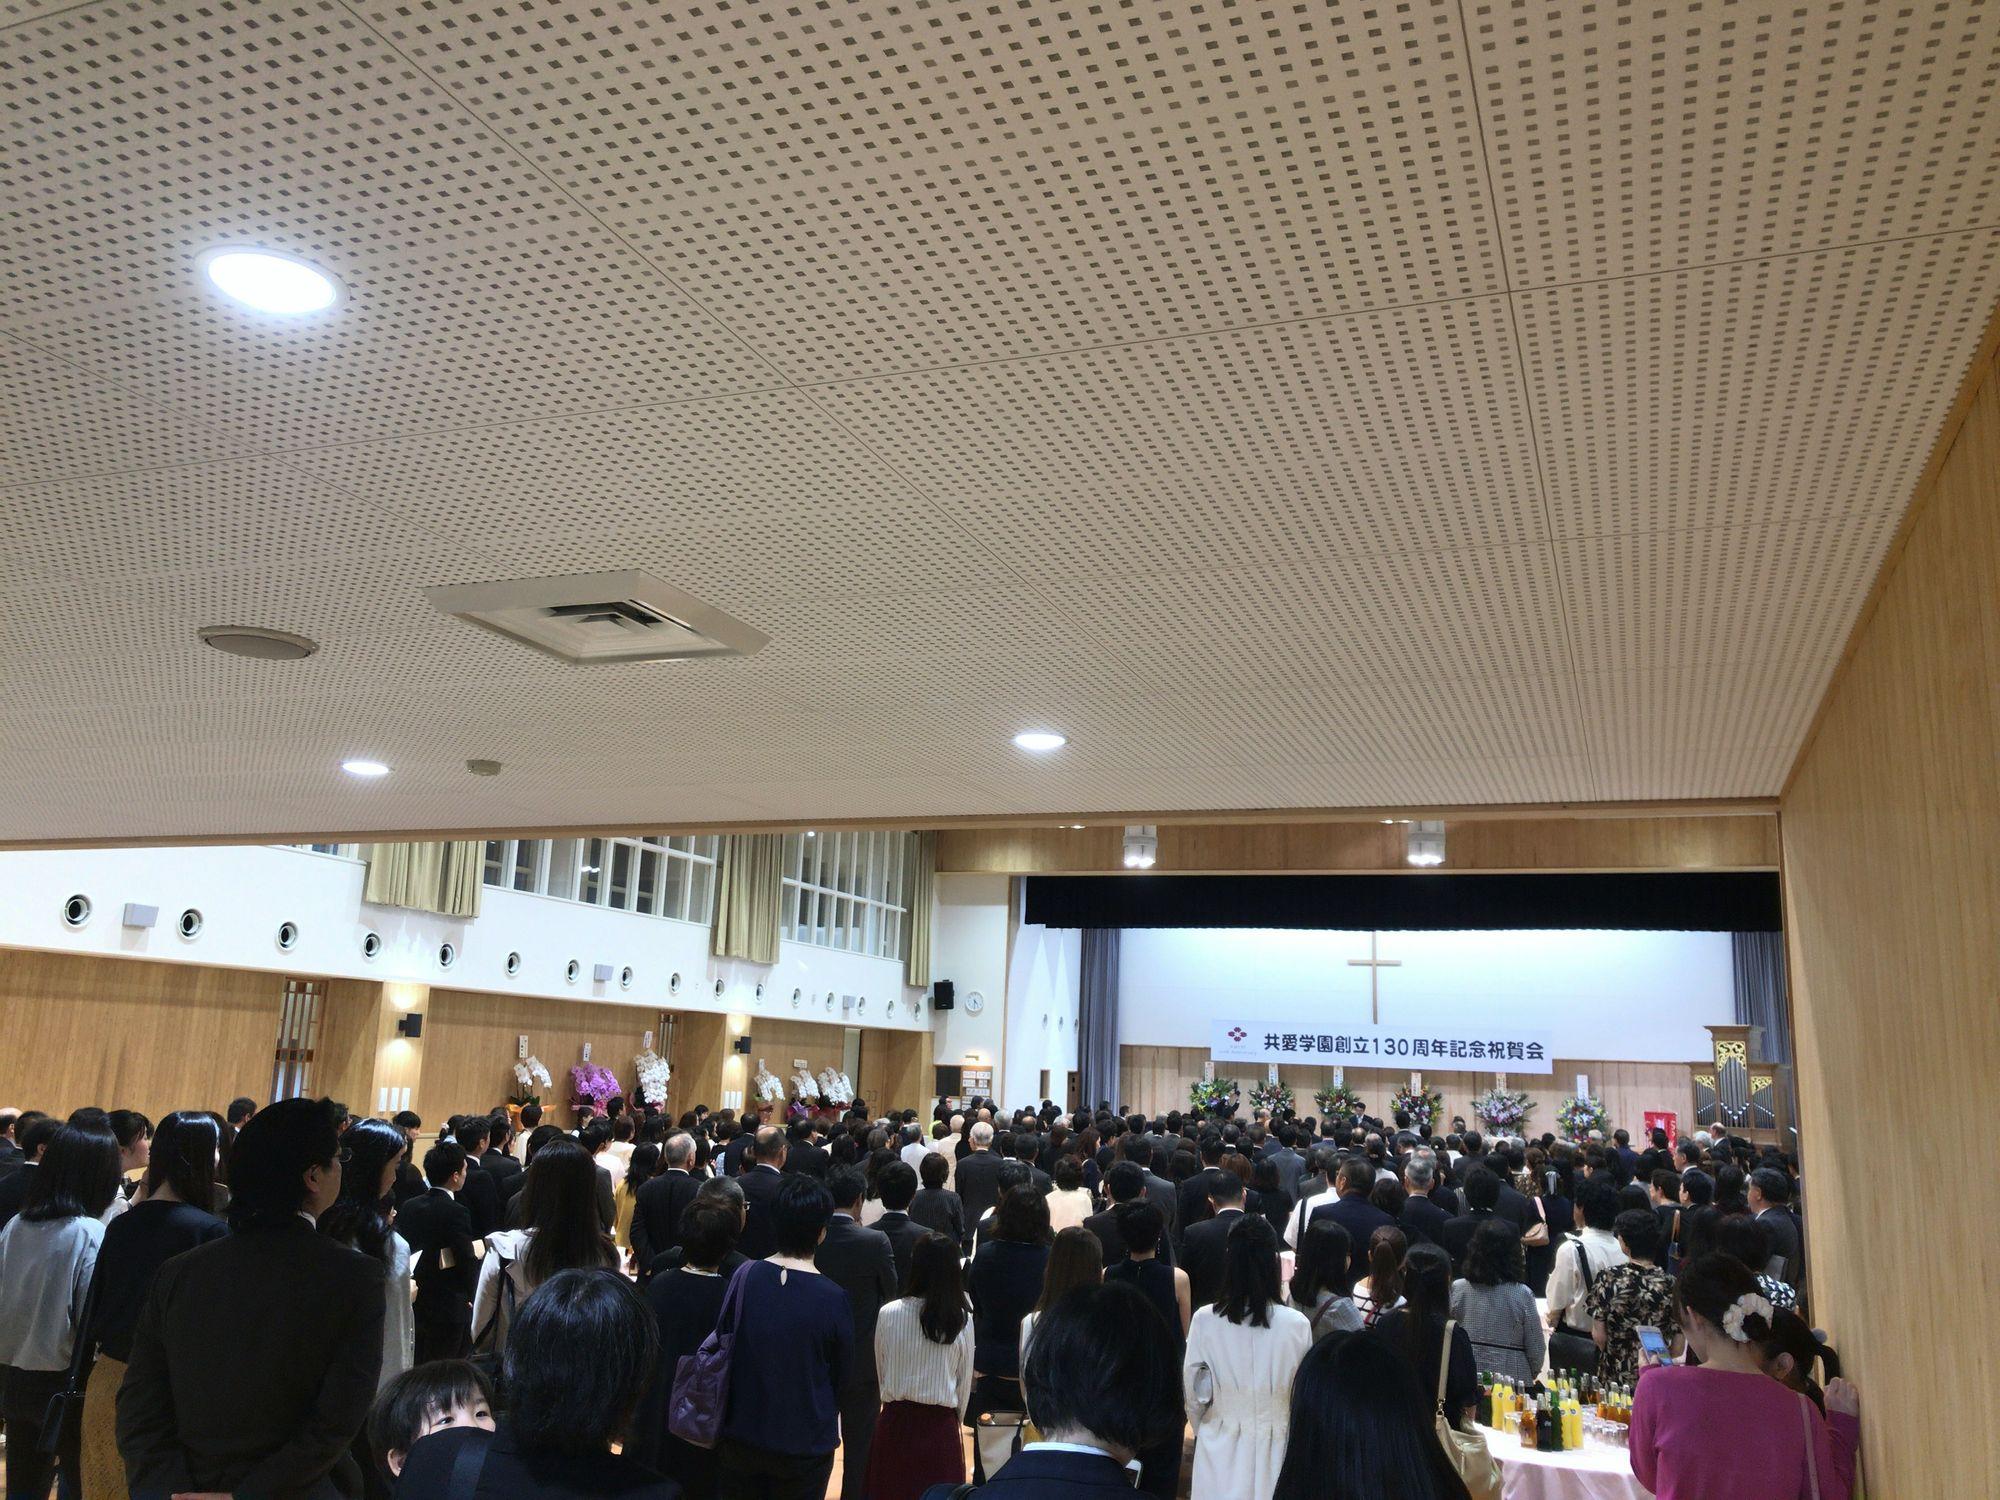 共愛学園130周年記念祝賀会